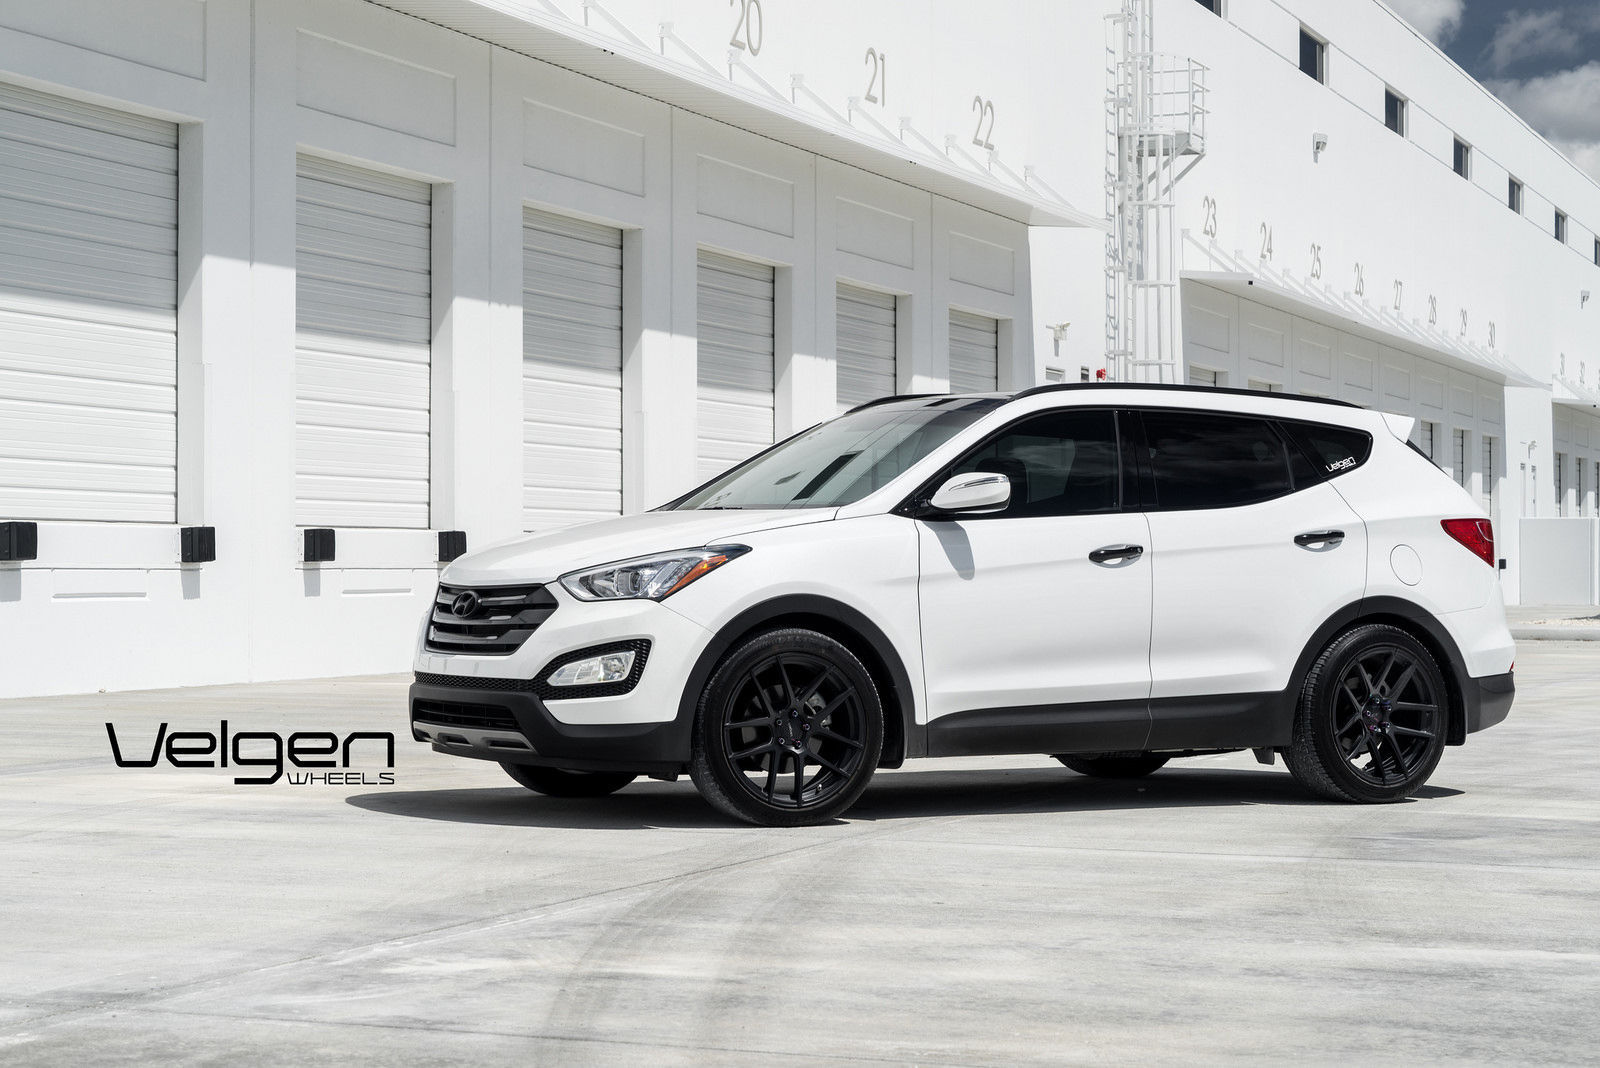 2015 Hyundai Santa Fe | Hyundai Santa Fe Sport on Velgen Wheels VMB5